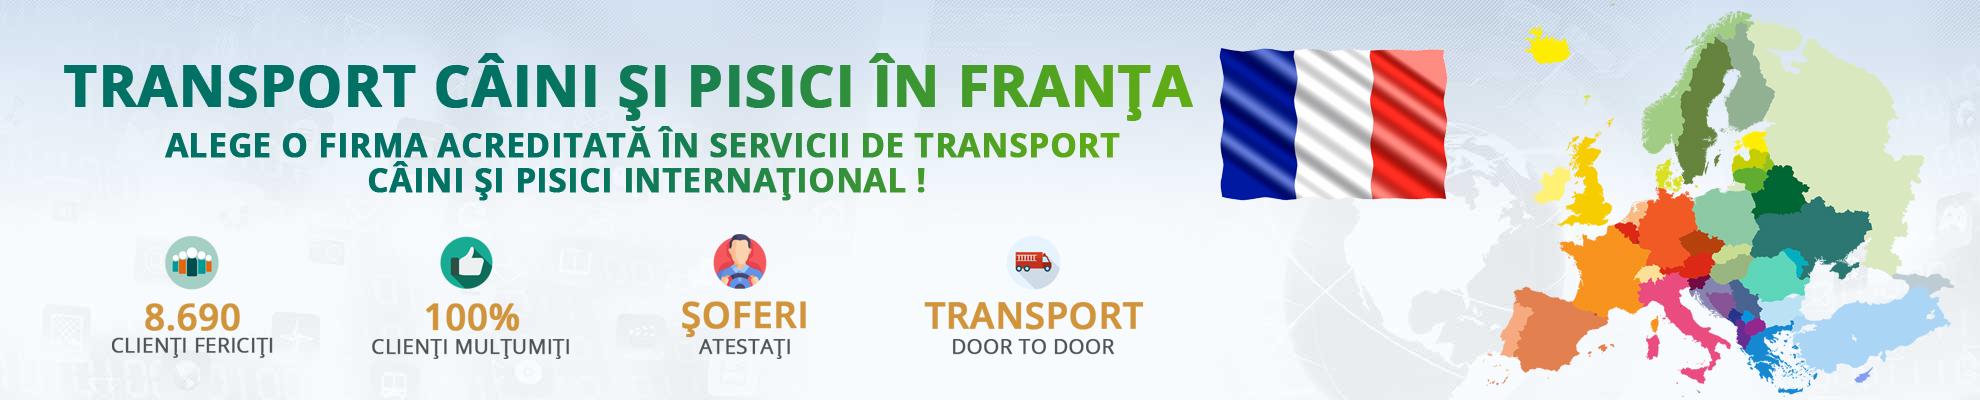 Transport caini si pisici in Franta